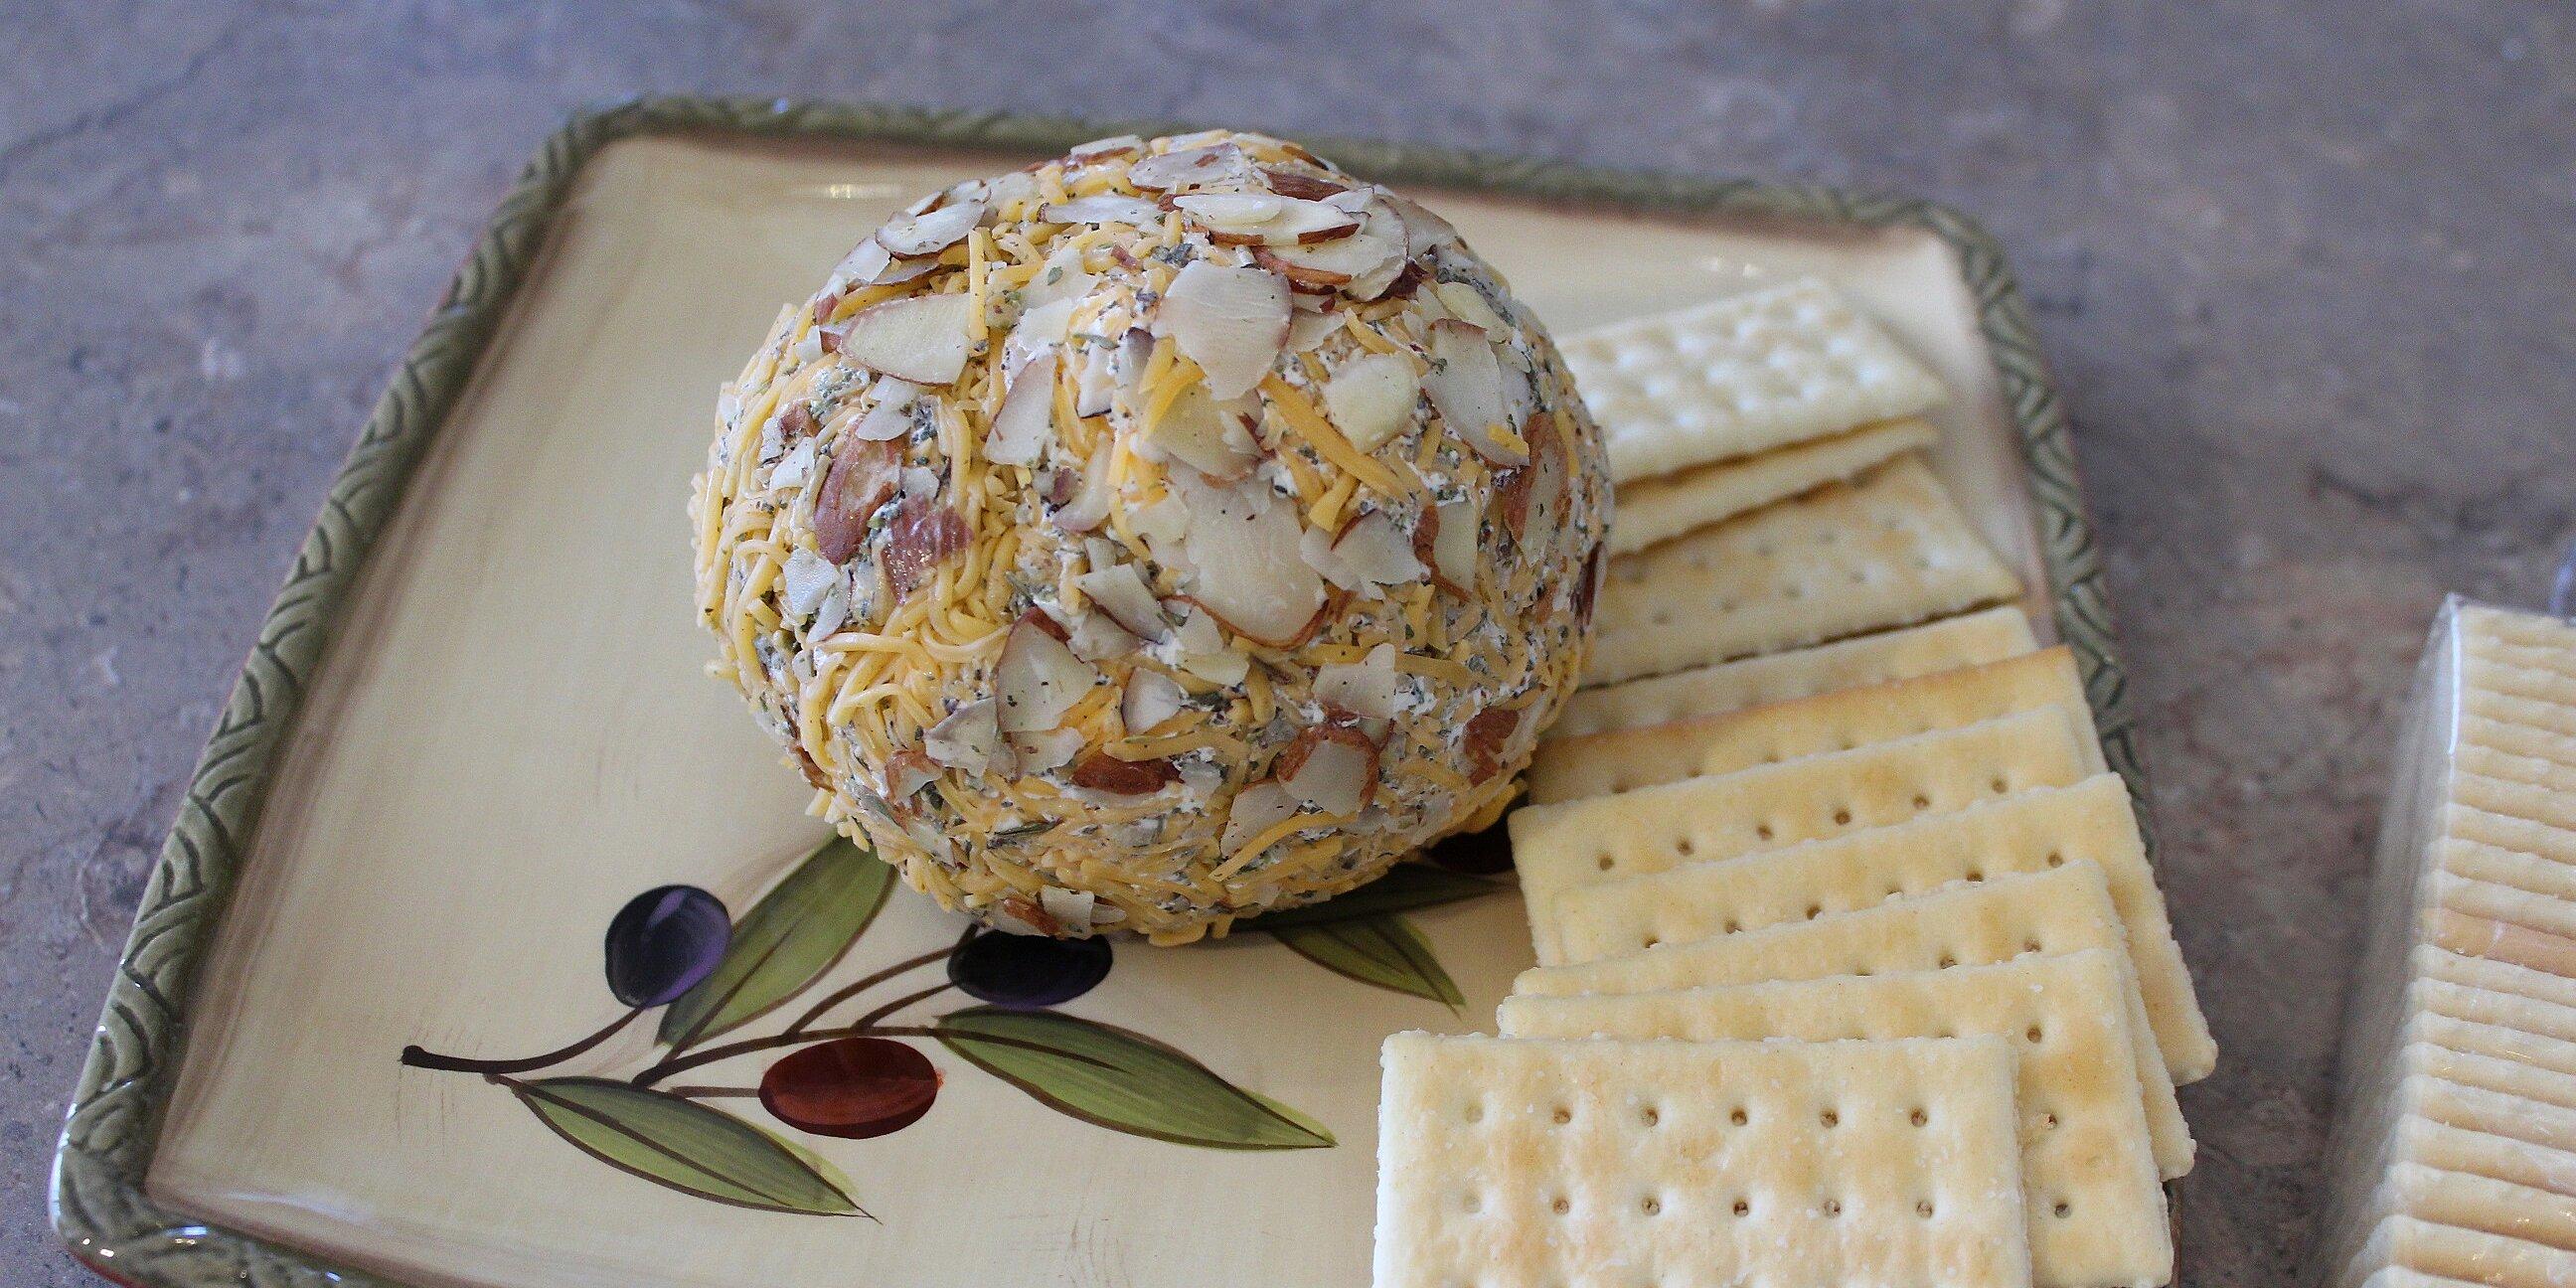 hannahs cheese ball recipe